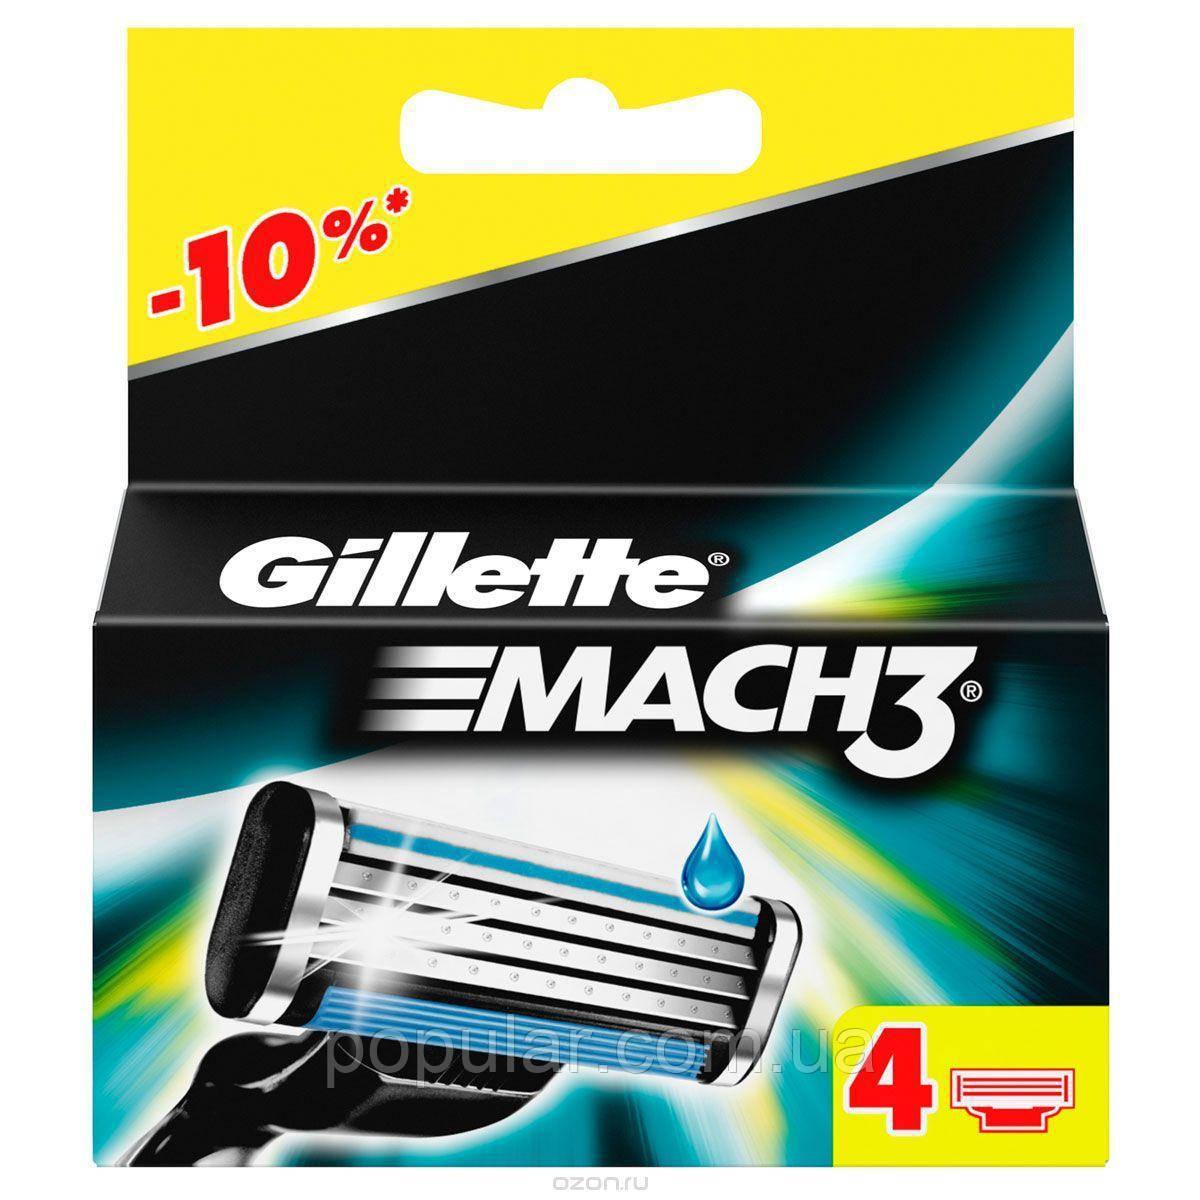 Сменные кассеты для бритья Gillette Mach3 Turbо лезвия, в упаковке 4 шт. - Магазин популярных товаров в Киеве